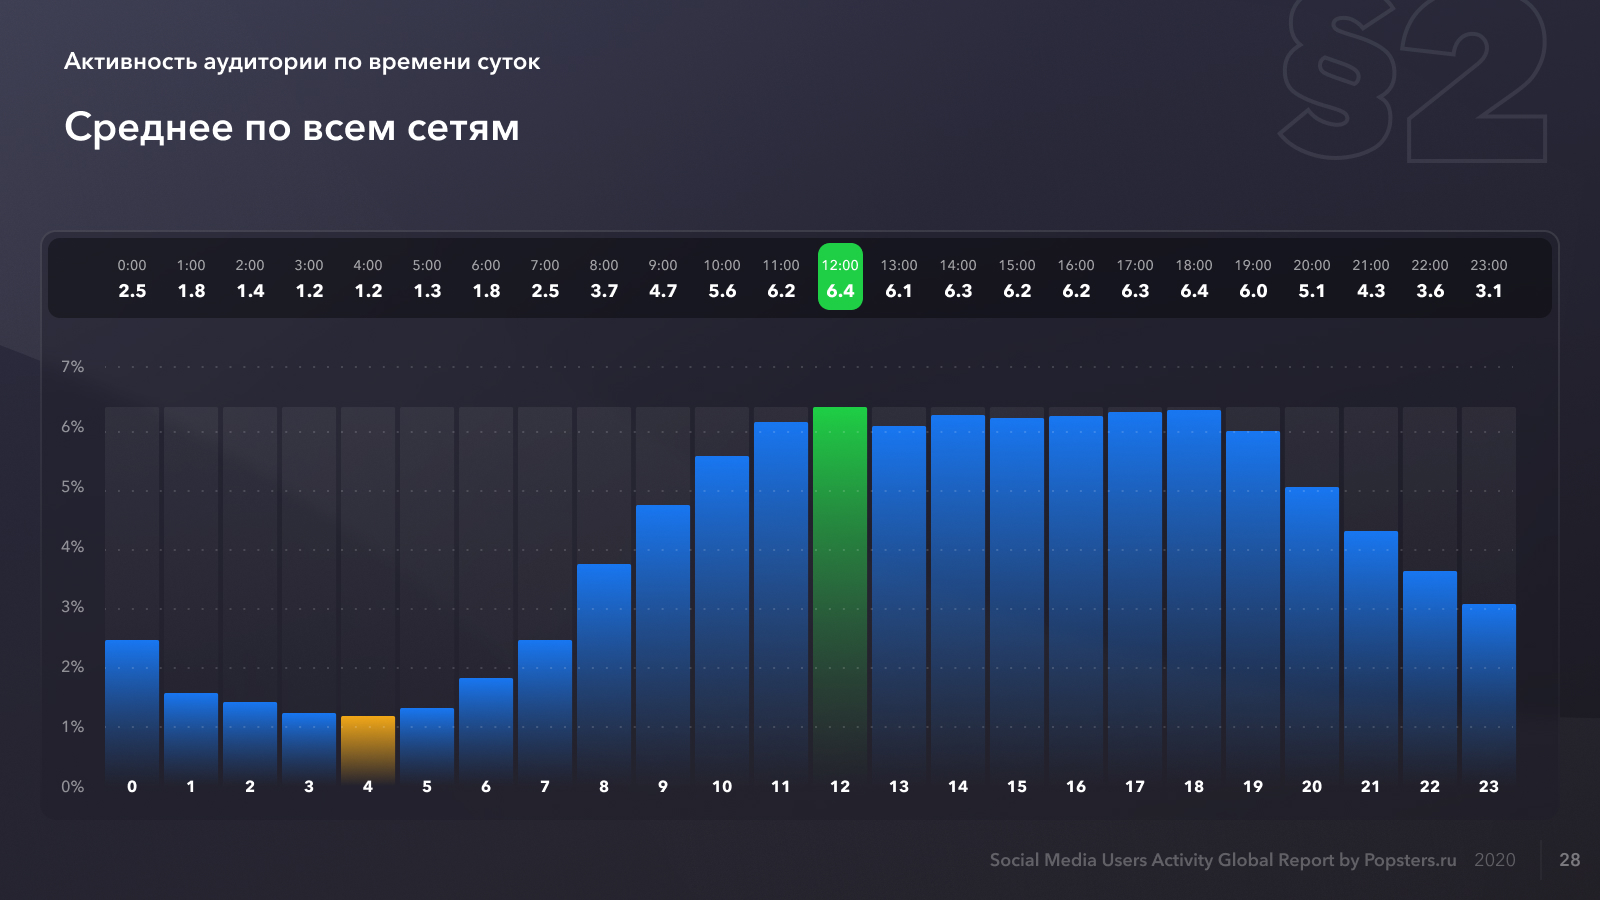 Распределение средней активности по часам для всех социальных сетей - 2020